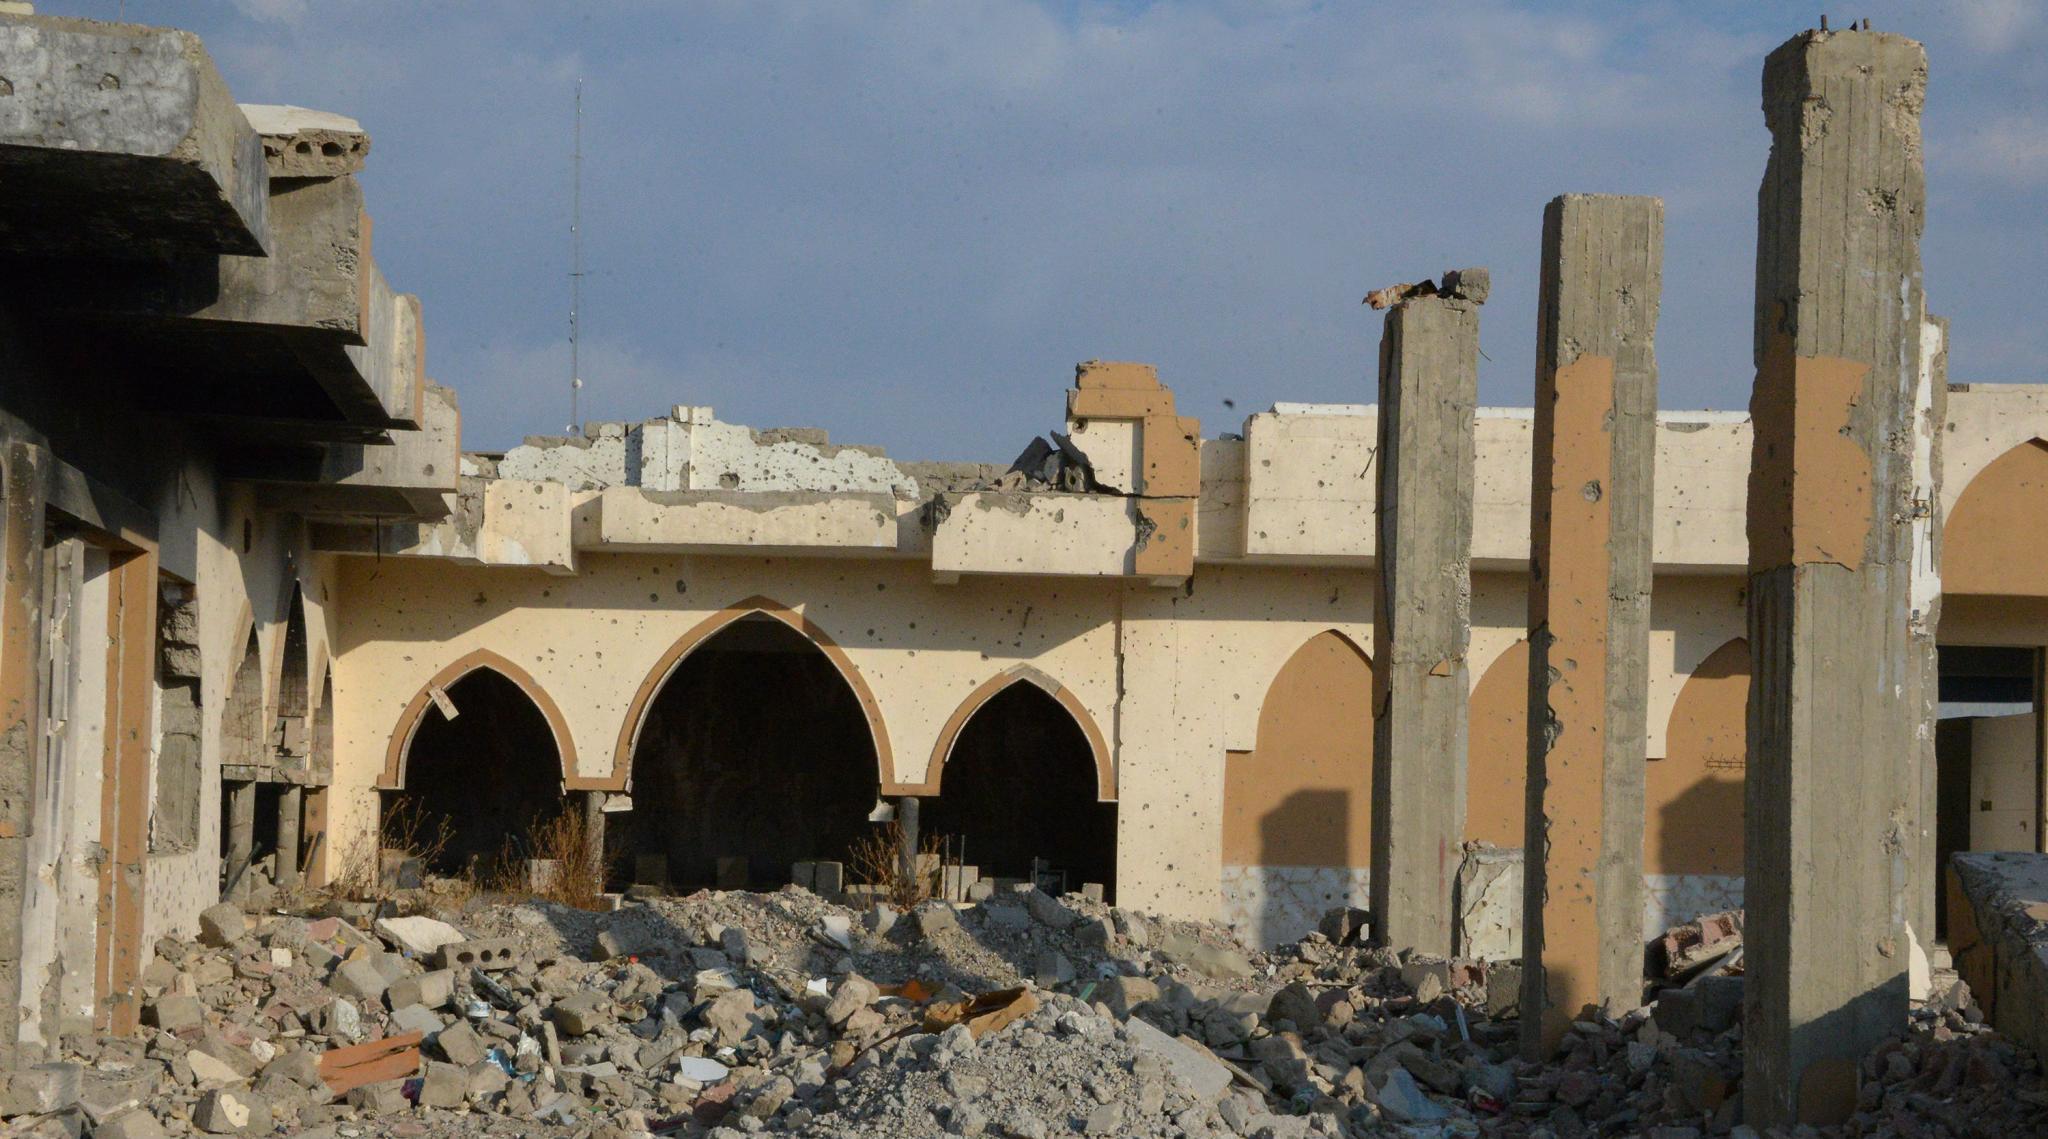 IS Jihadist Danger Still Lurks After Abu Bakr al-Baghdadi Killed: Analysts